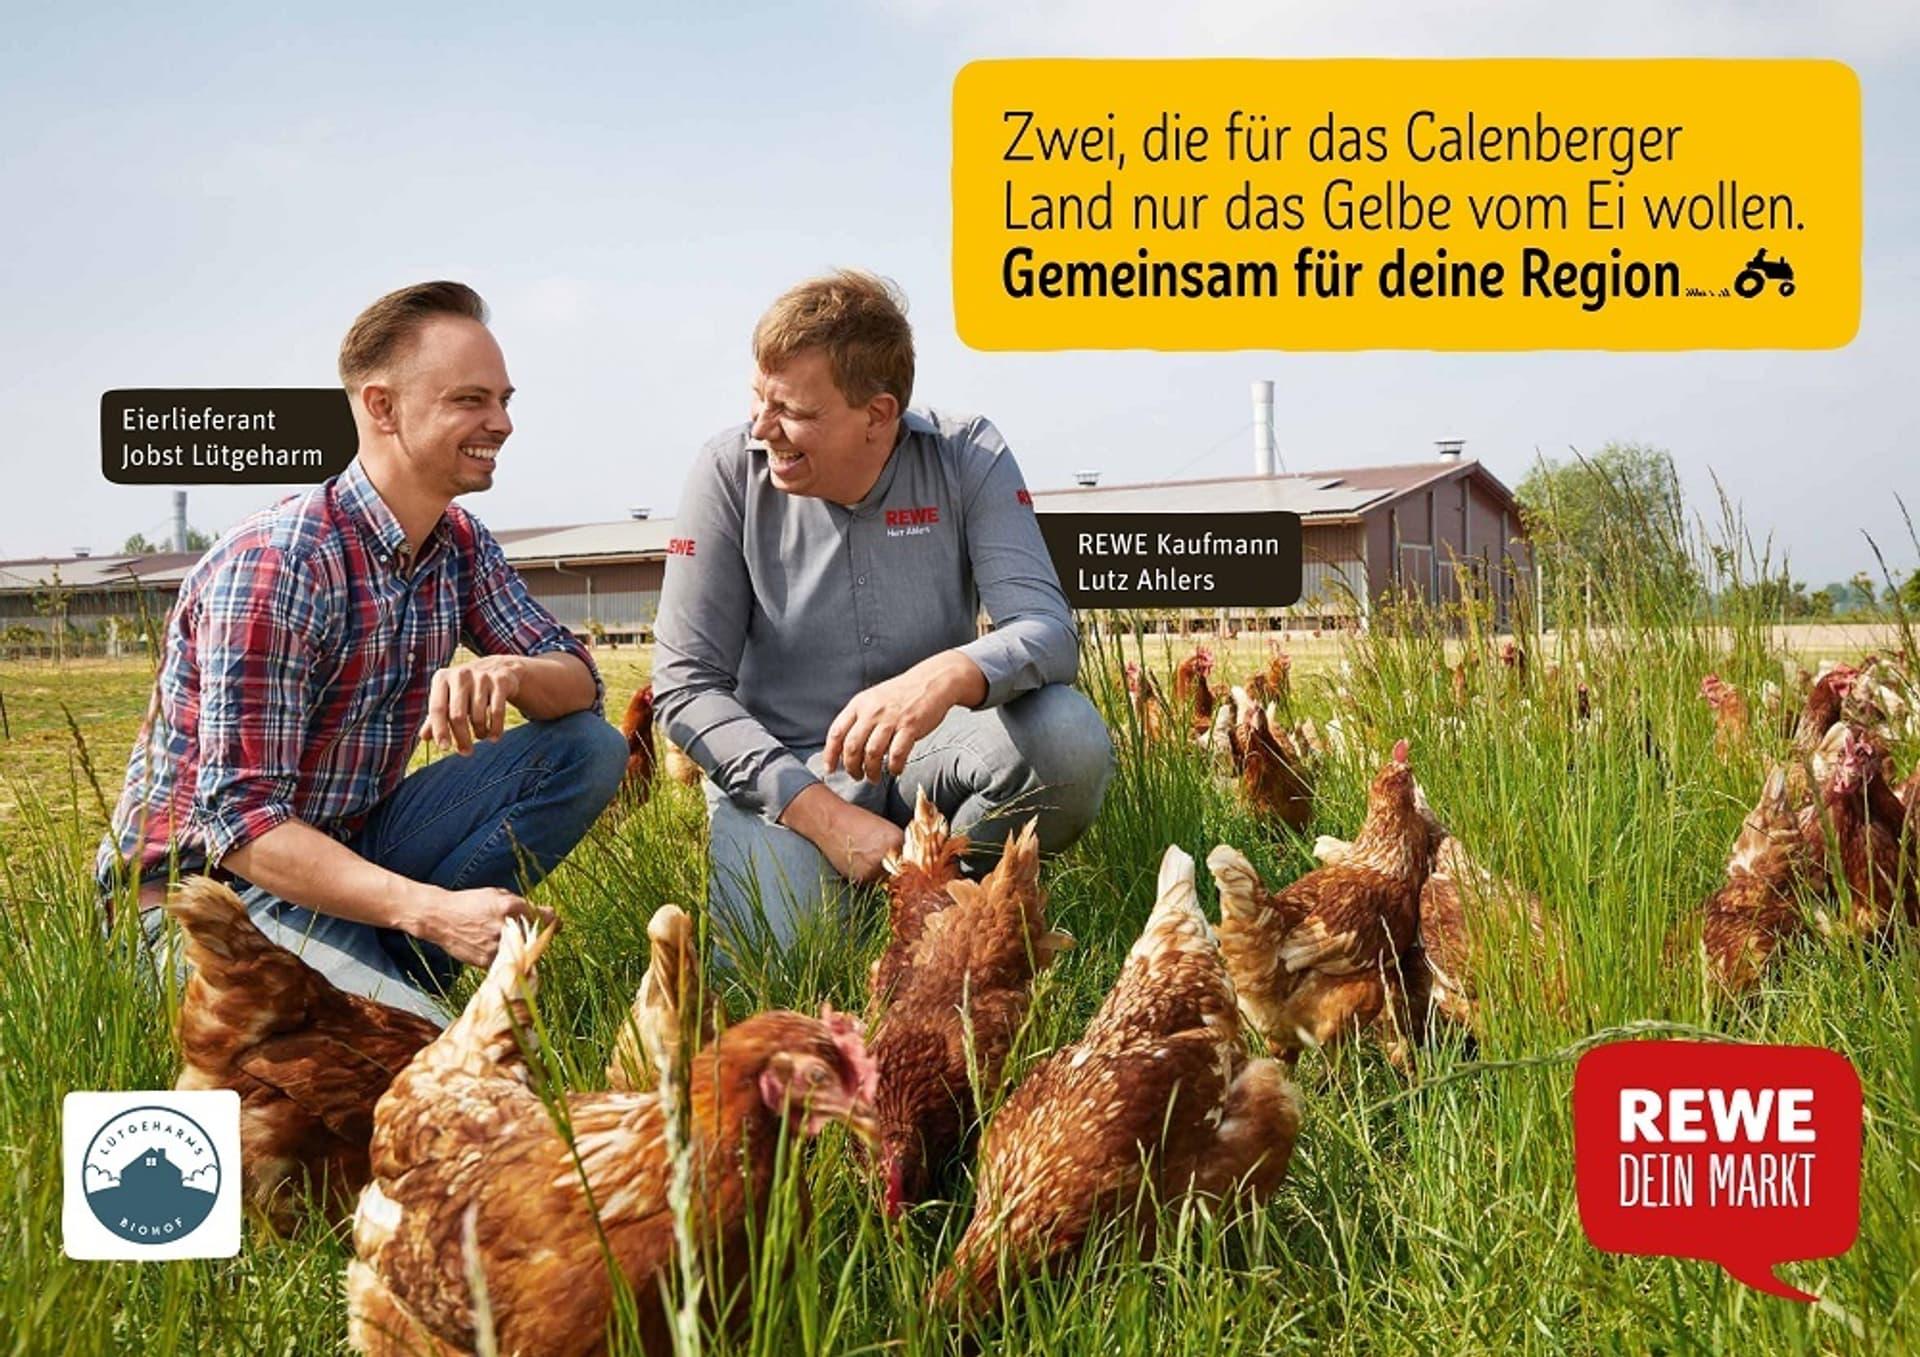 Rewe gemeinsam fuer deine region kampagne c rewe